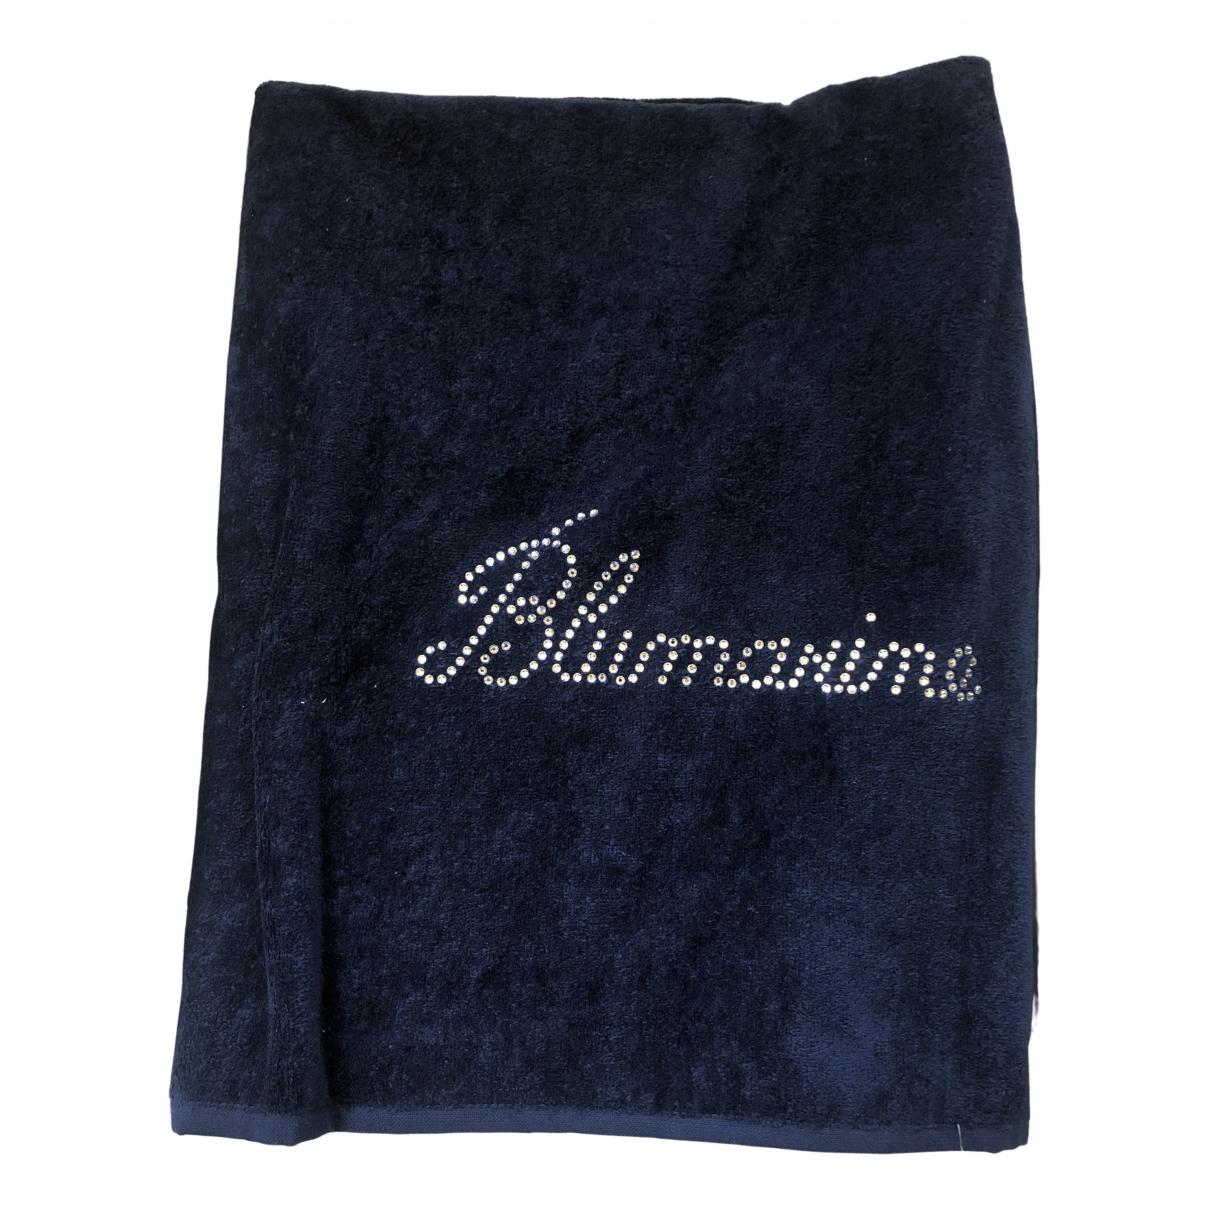 Textil de hogar Blumarine